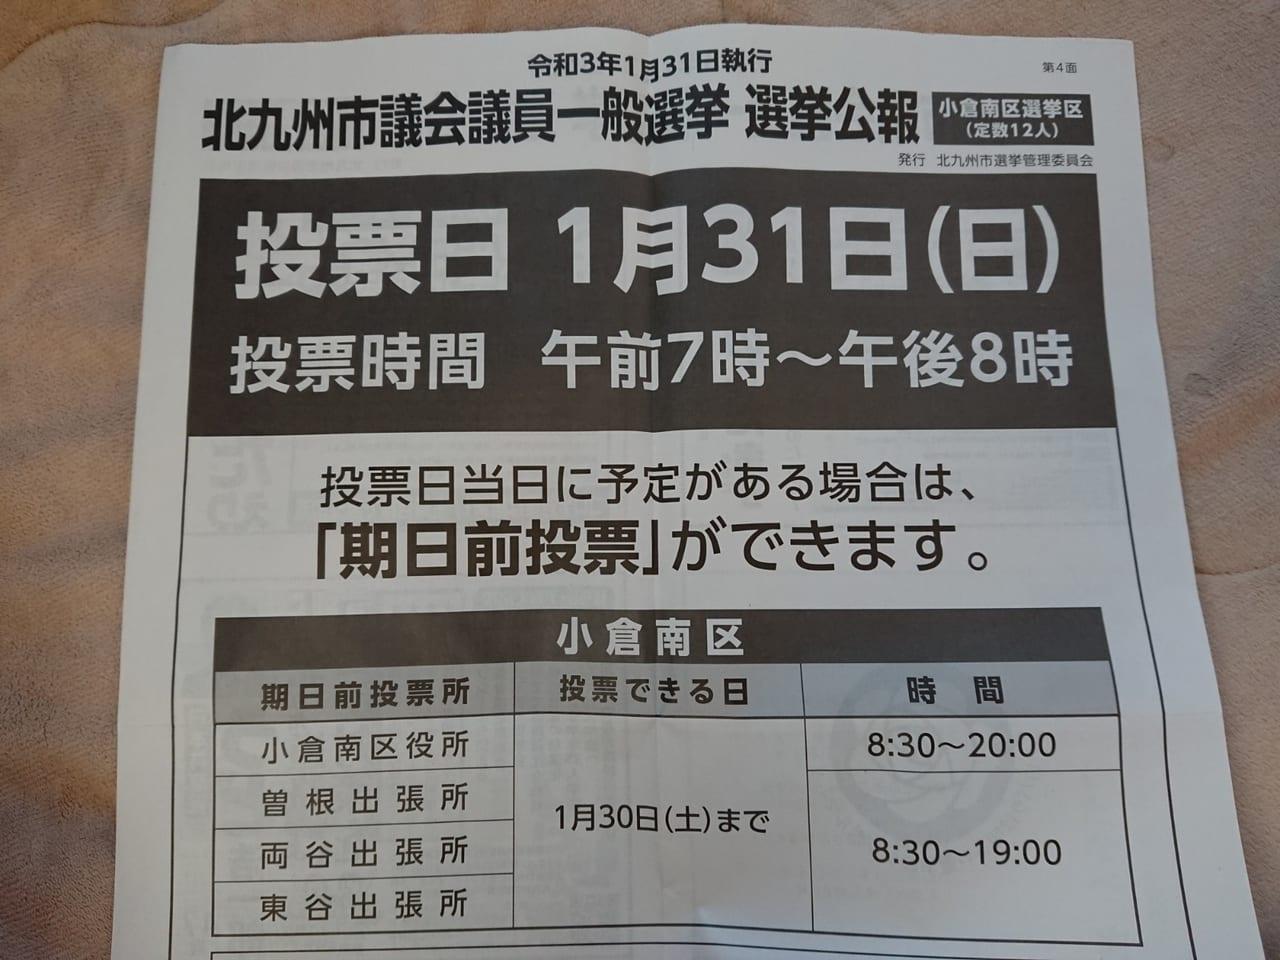 市 選挙 議員 北九州 市議会